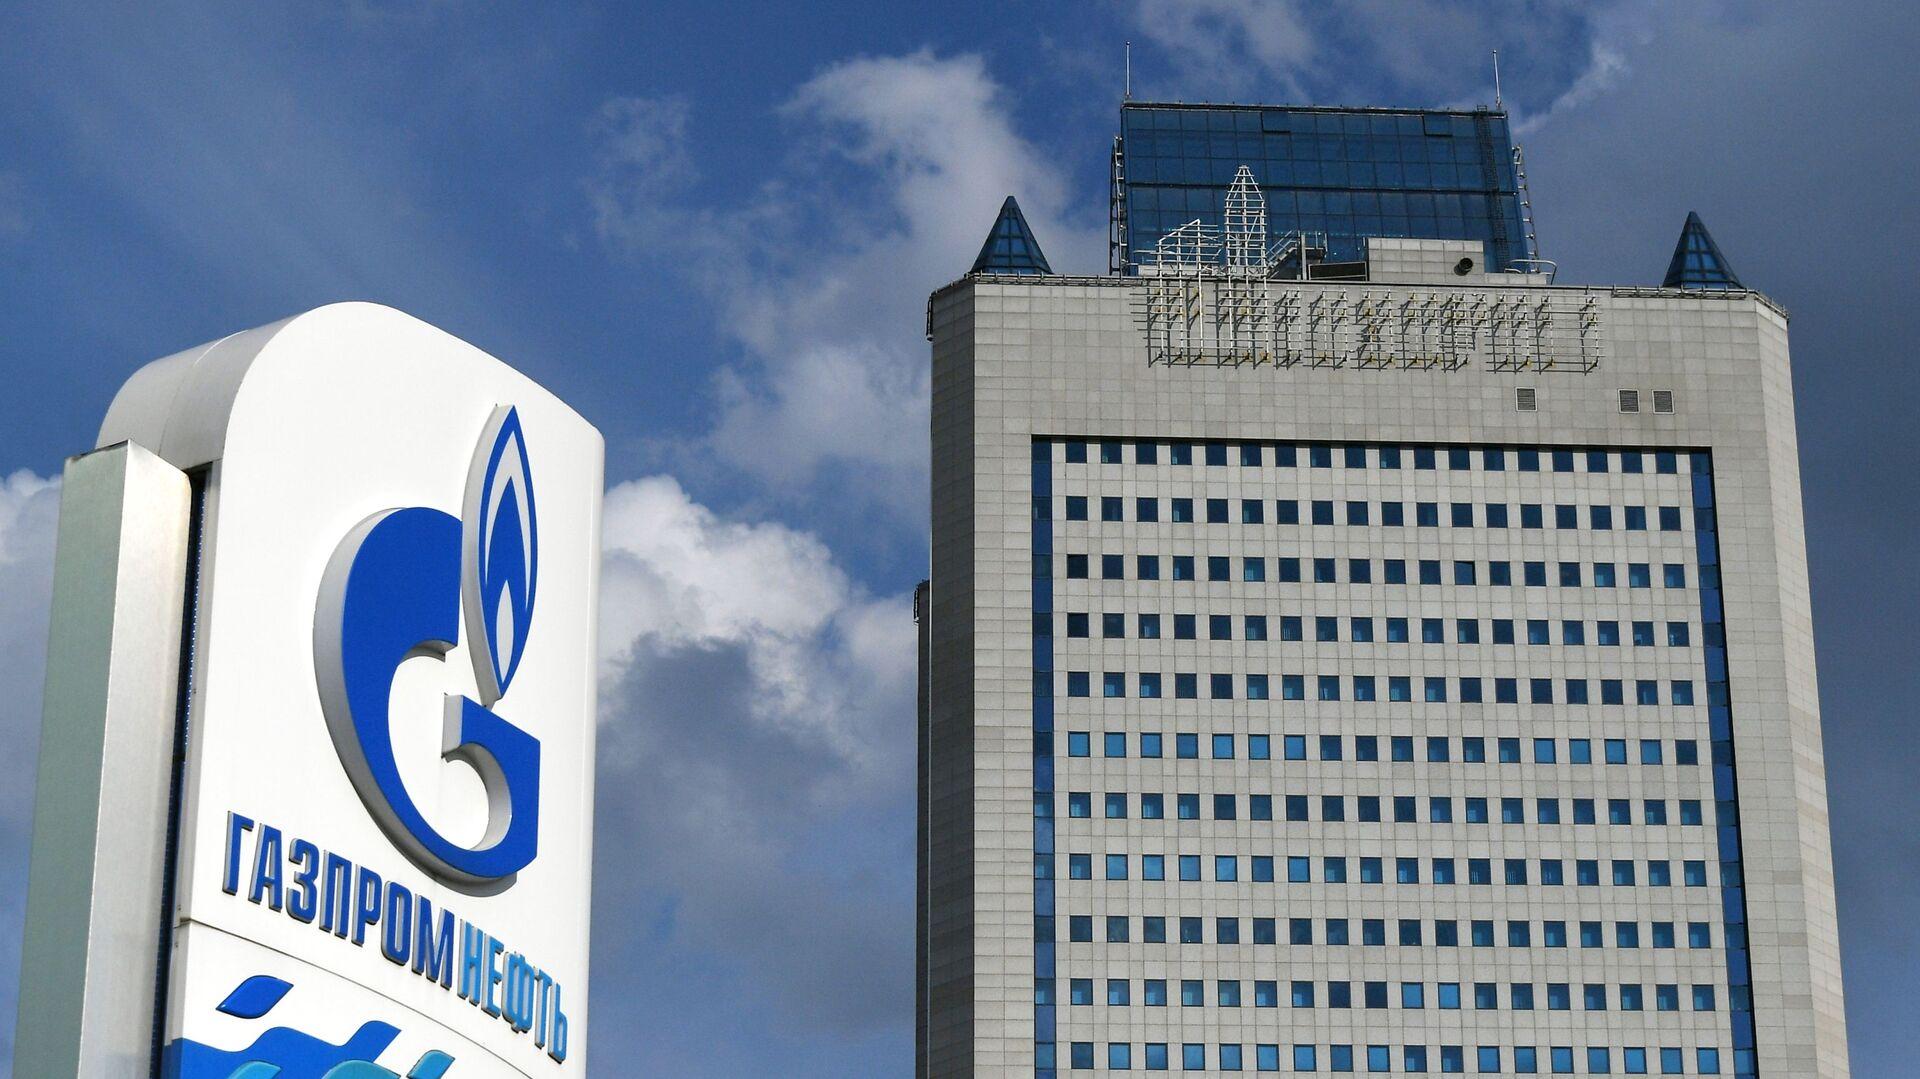 Здание компании Газпром в Москве  - Sputnik Латвия, 1920, 17.09.2021